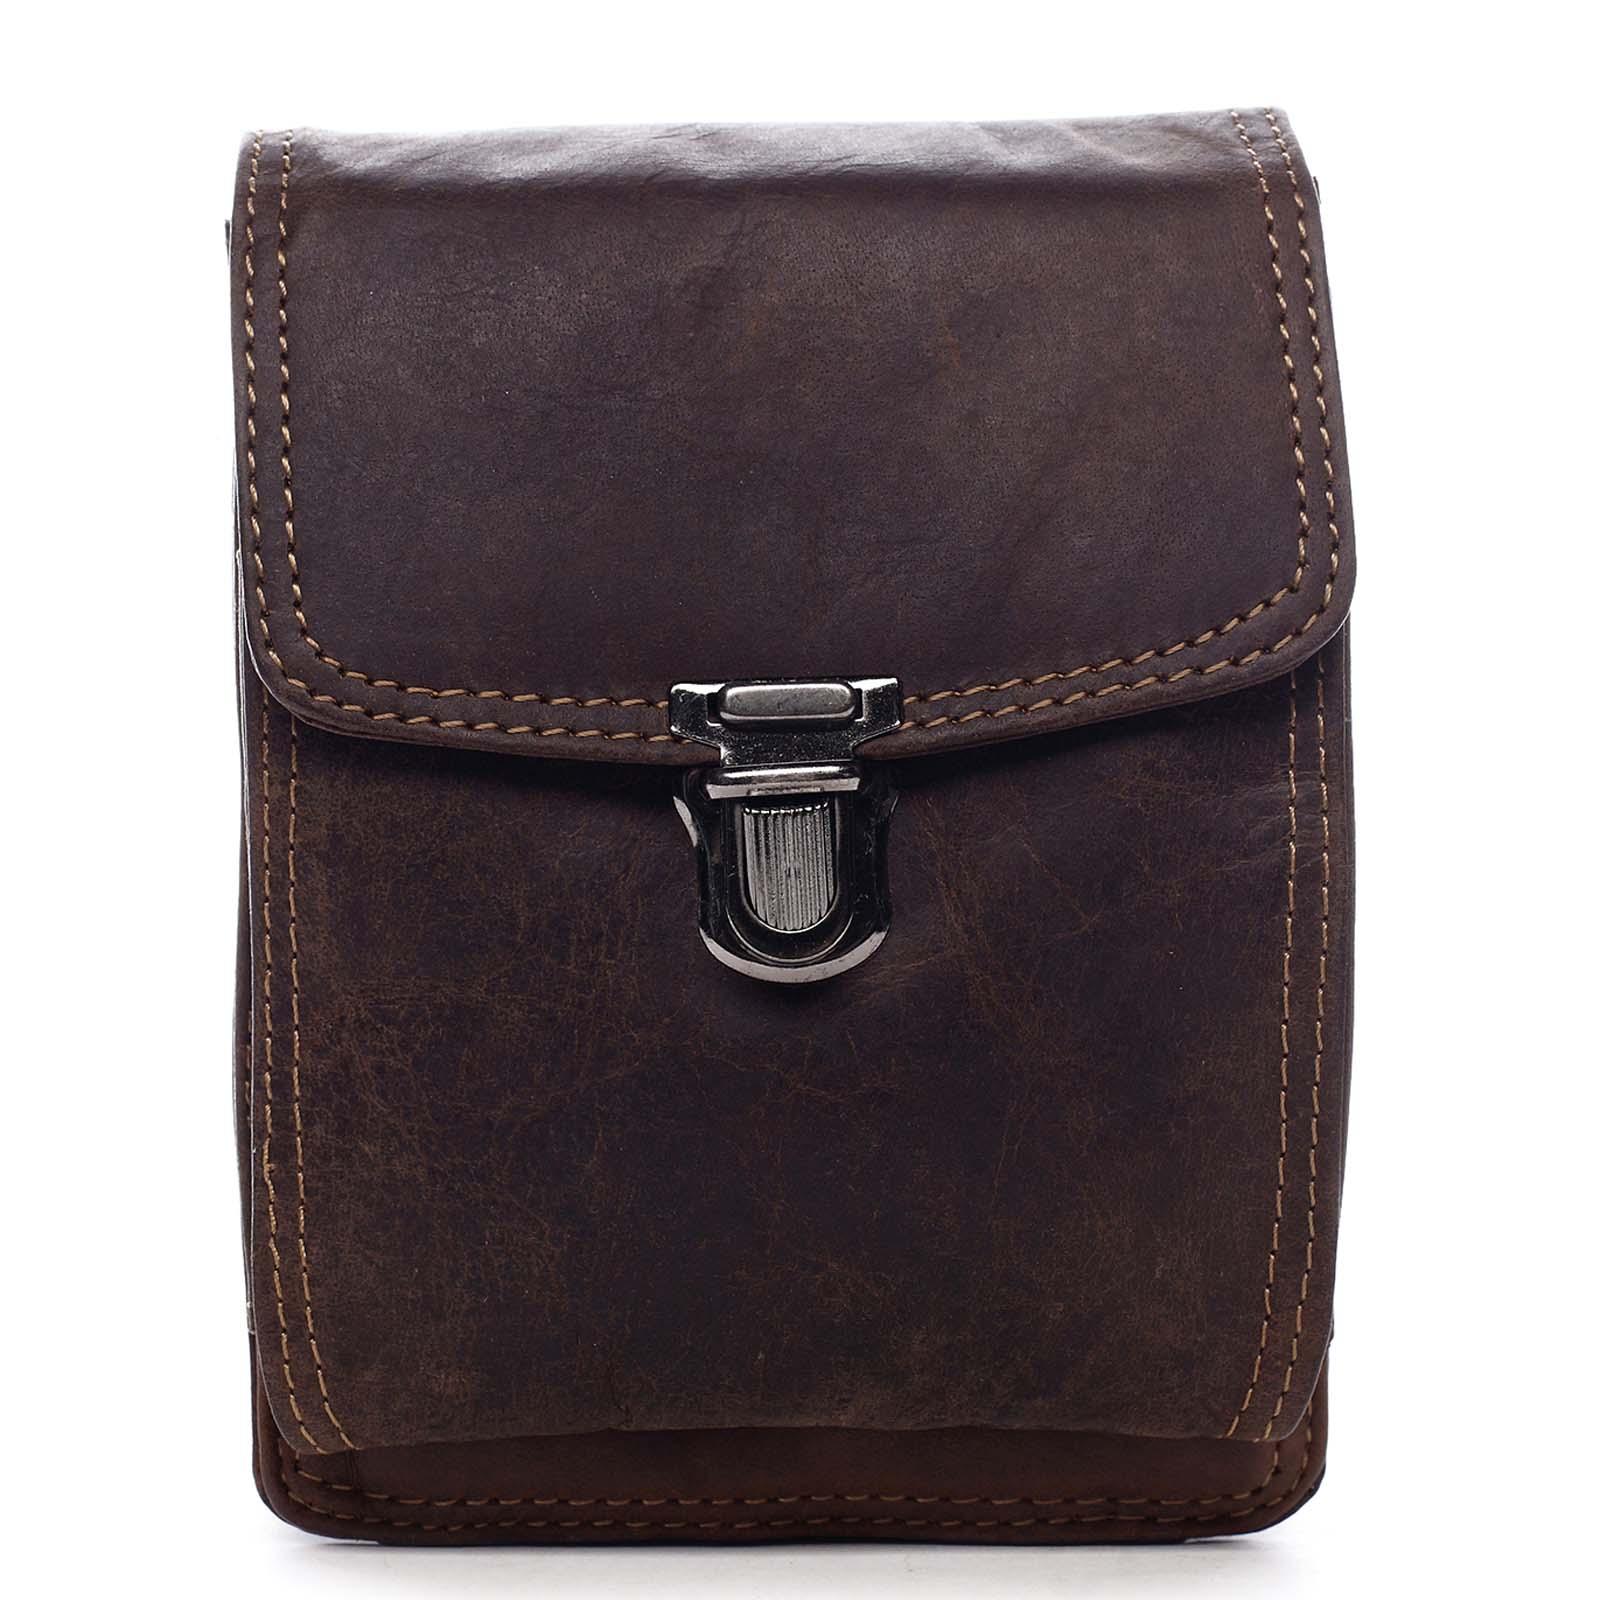 Luxusní pánská kožená kapsa na opasek hnědá - Greenwood Surprise hnědá